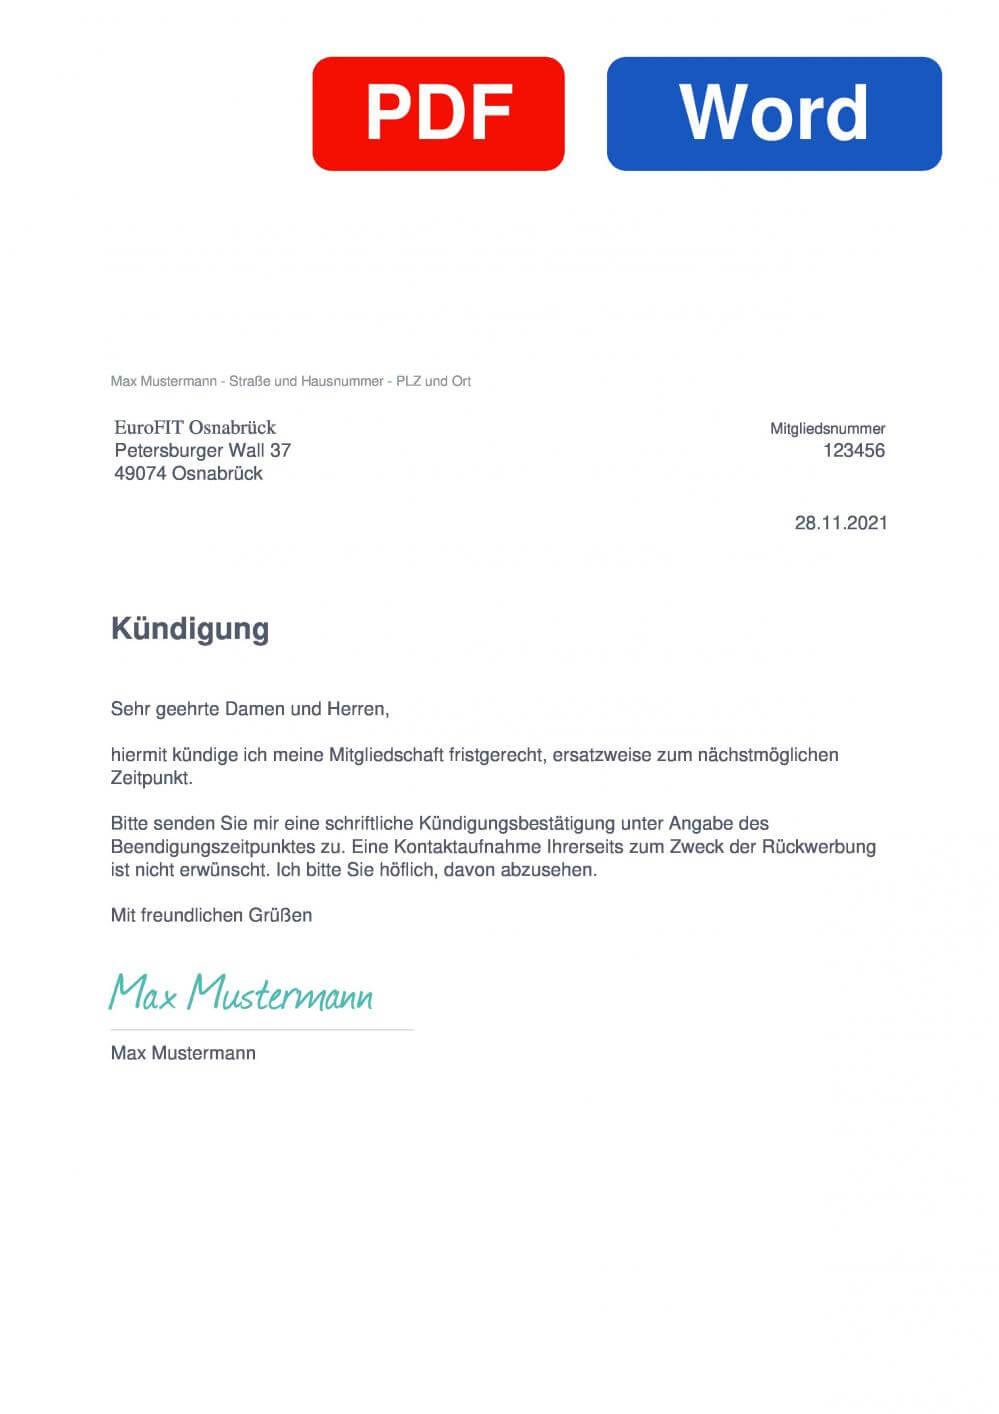 EuroFit Osnabrück Muster Vorlage für Kündigungsschreiben